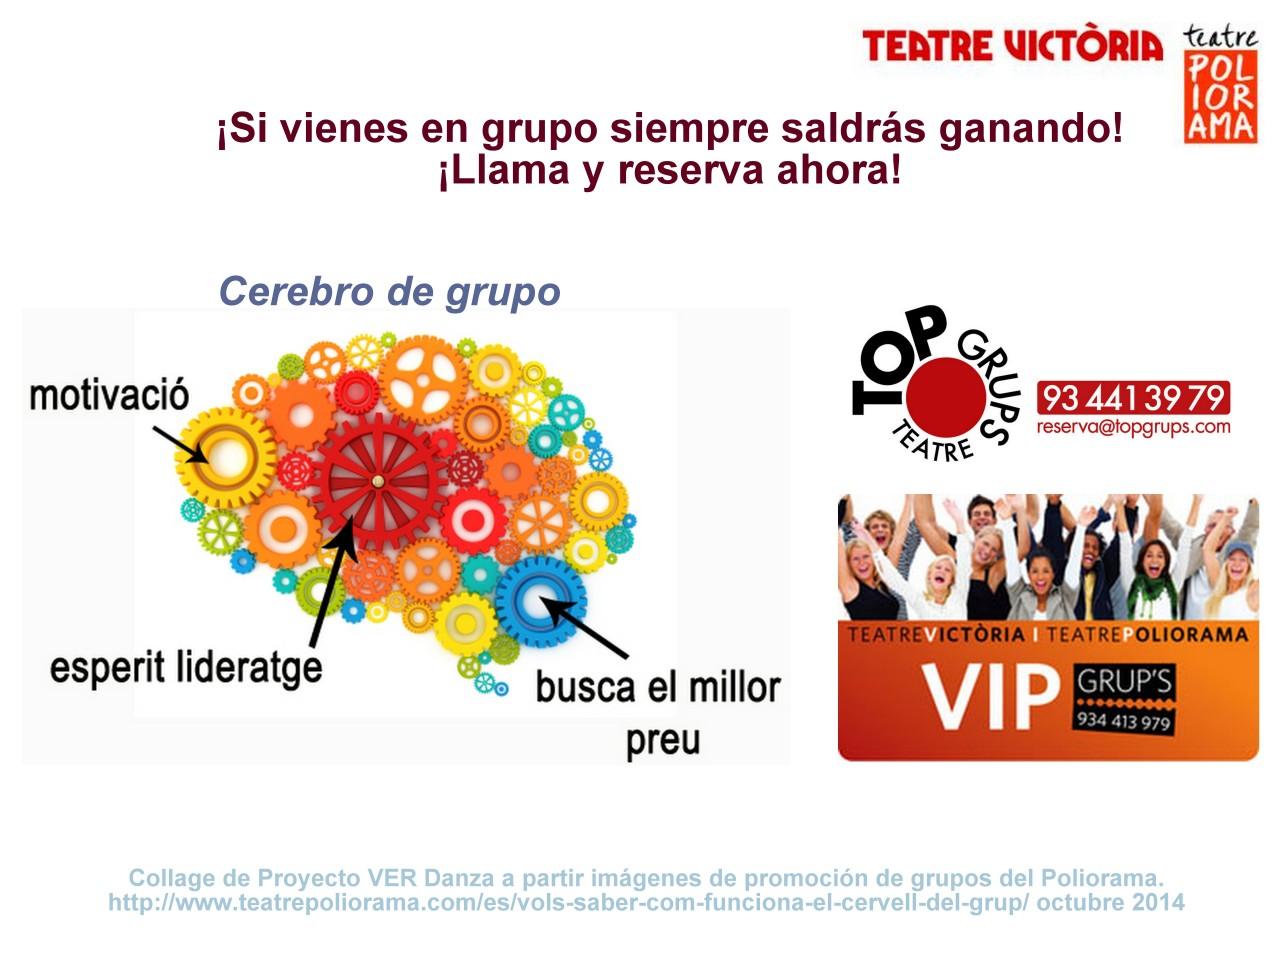 http://www.teatrepoliorama.com/es/vols-saber-com-funciona-el-cervell-del-grup/